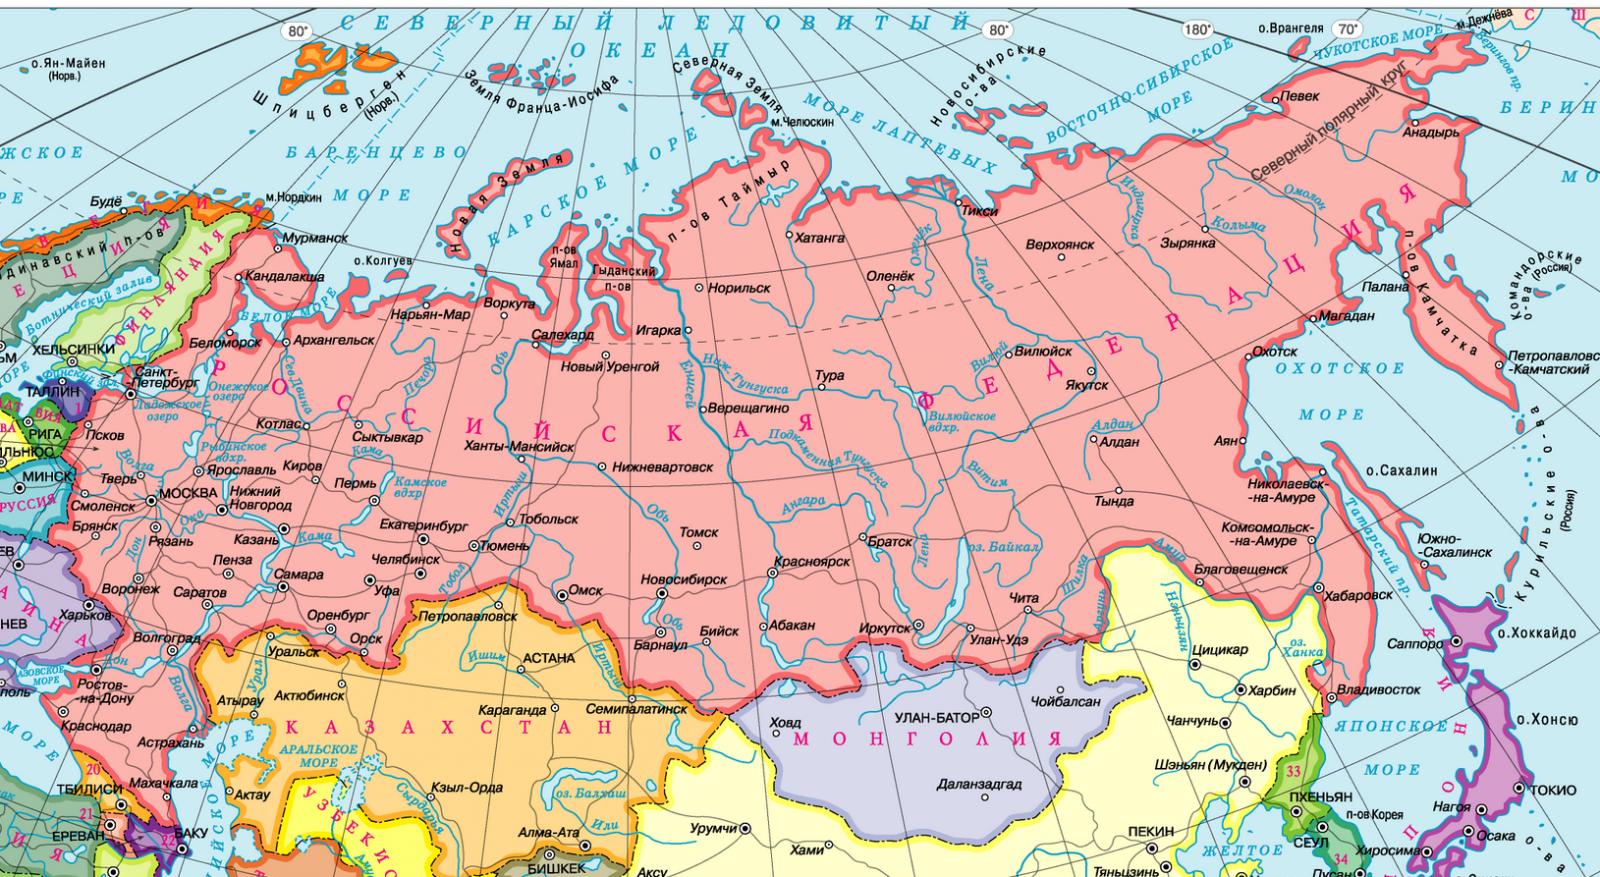 """в мережу виклали фото карти """"збільшилася"""" за рахунок сусідів Росії — Украинские новости"""